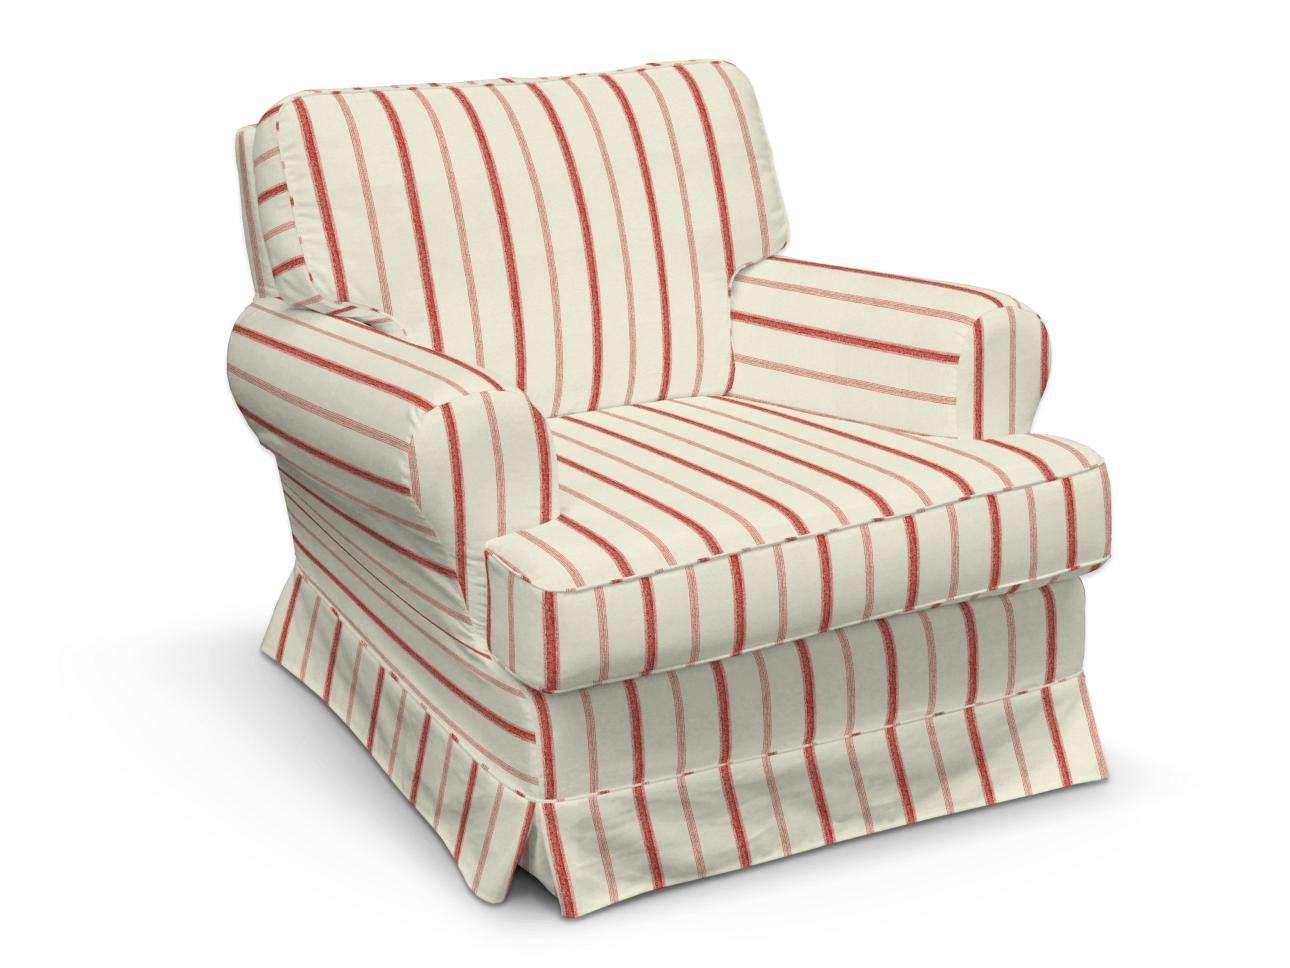 Barkaby fotelio užvalkalas Barkaby fotelio užvalkalas kolekcijoje Avinon, audinys: 129-15